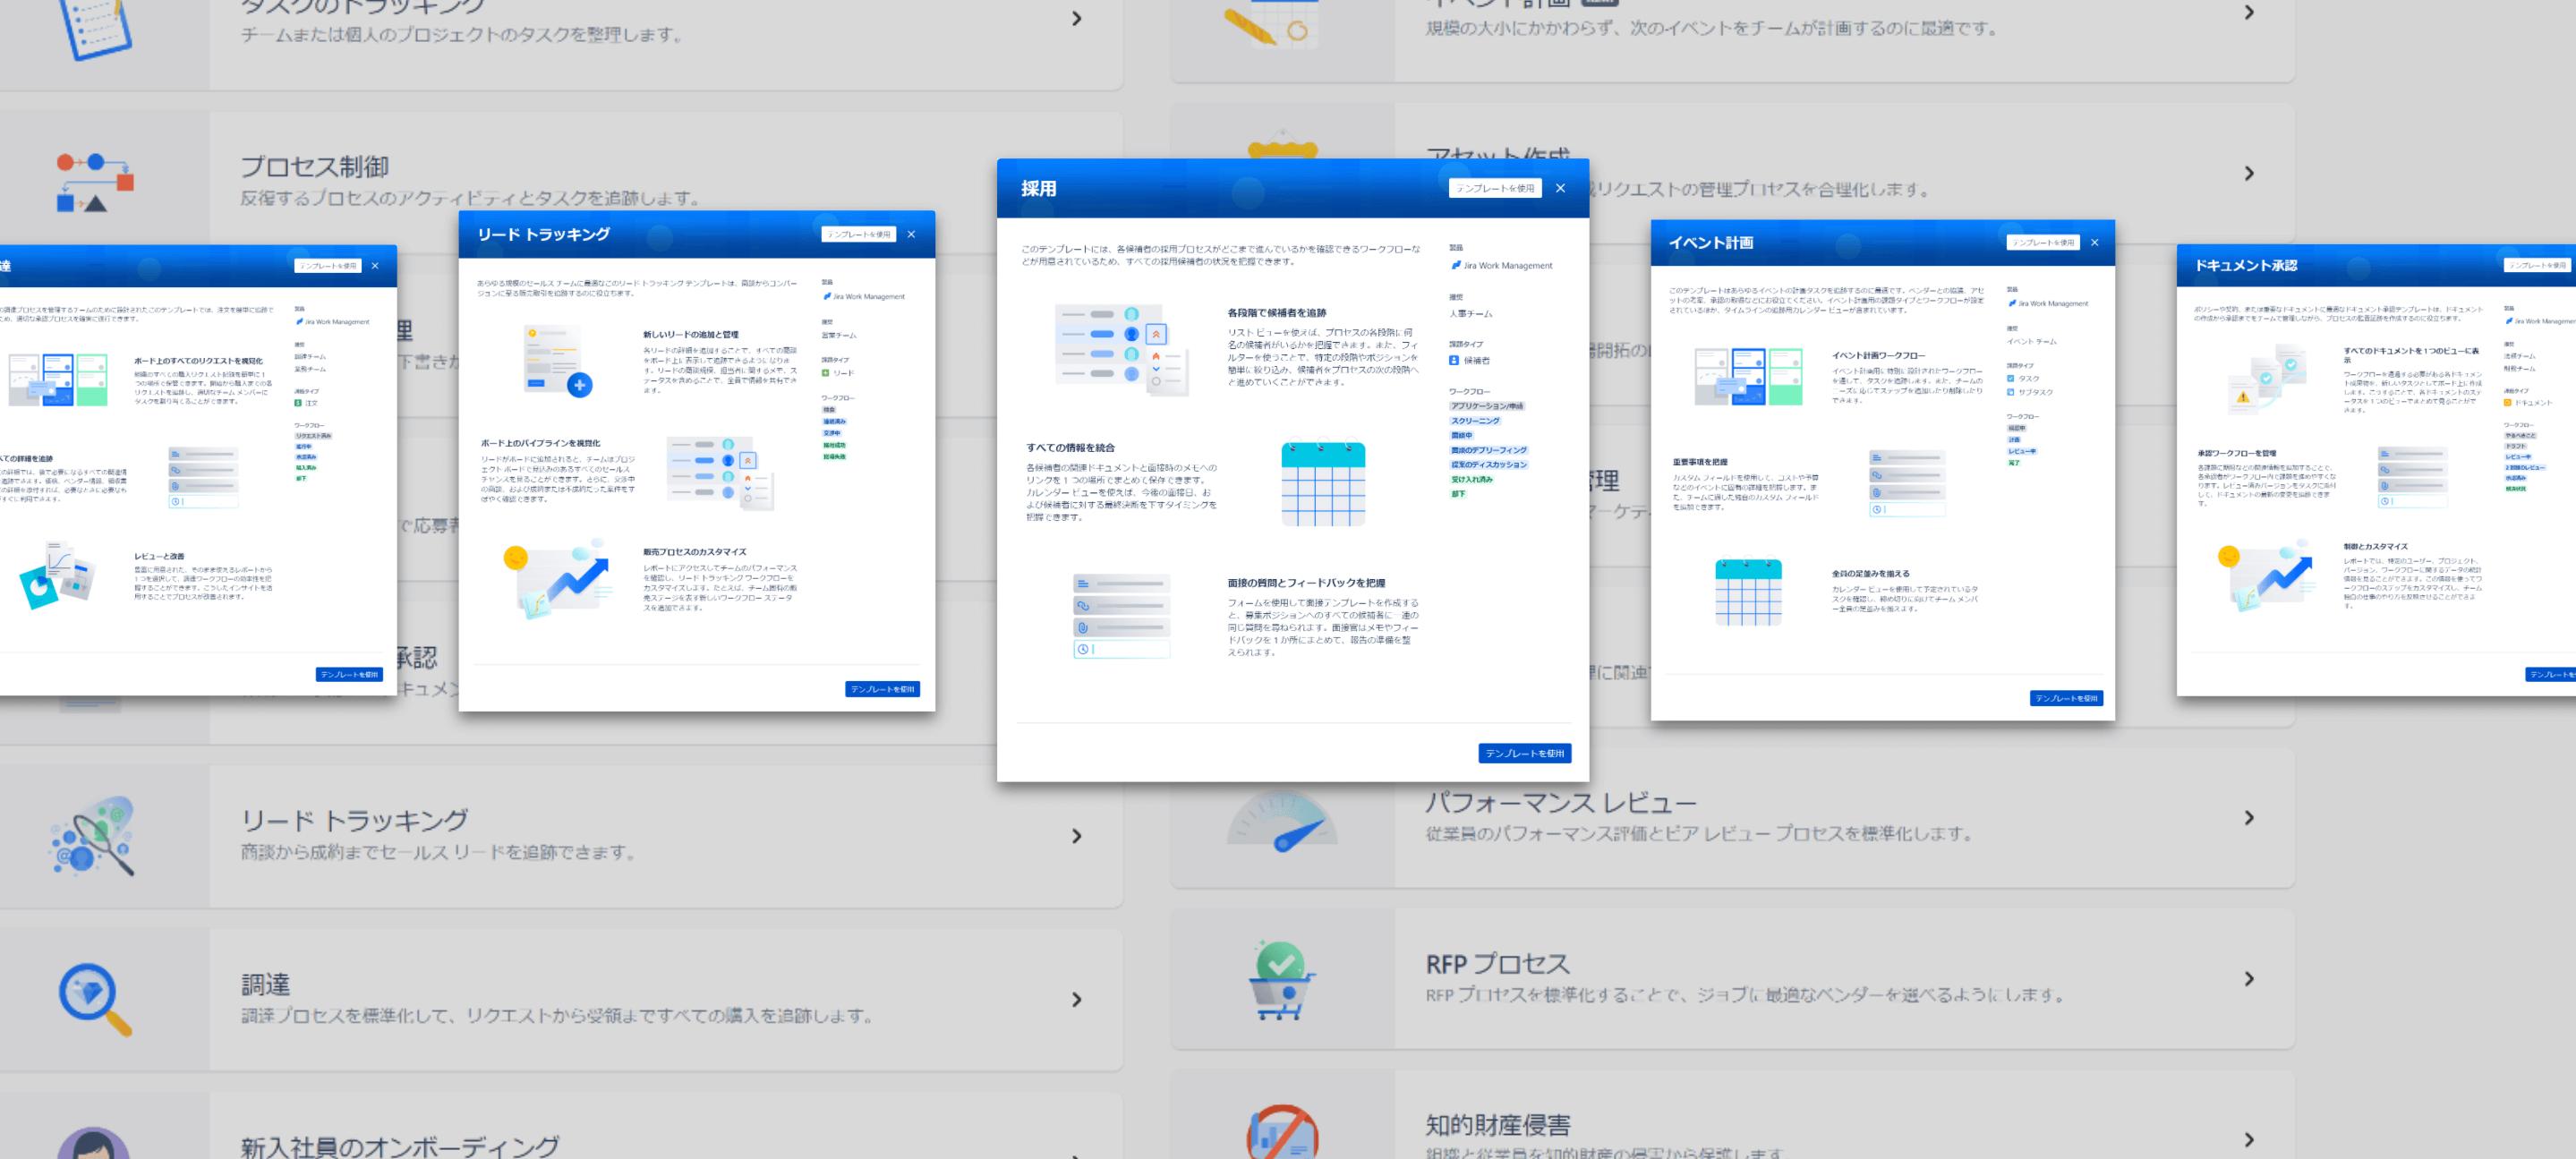 JWM_豊富なプロジェクトテンプレート